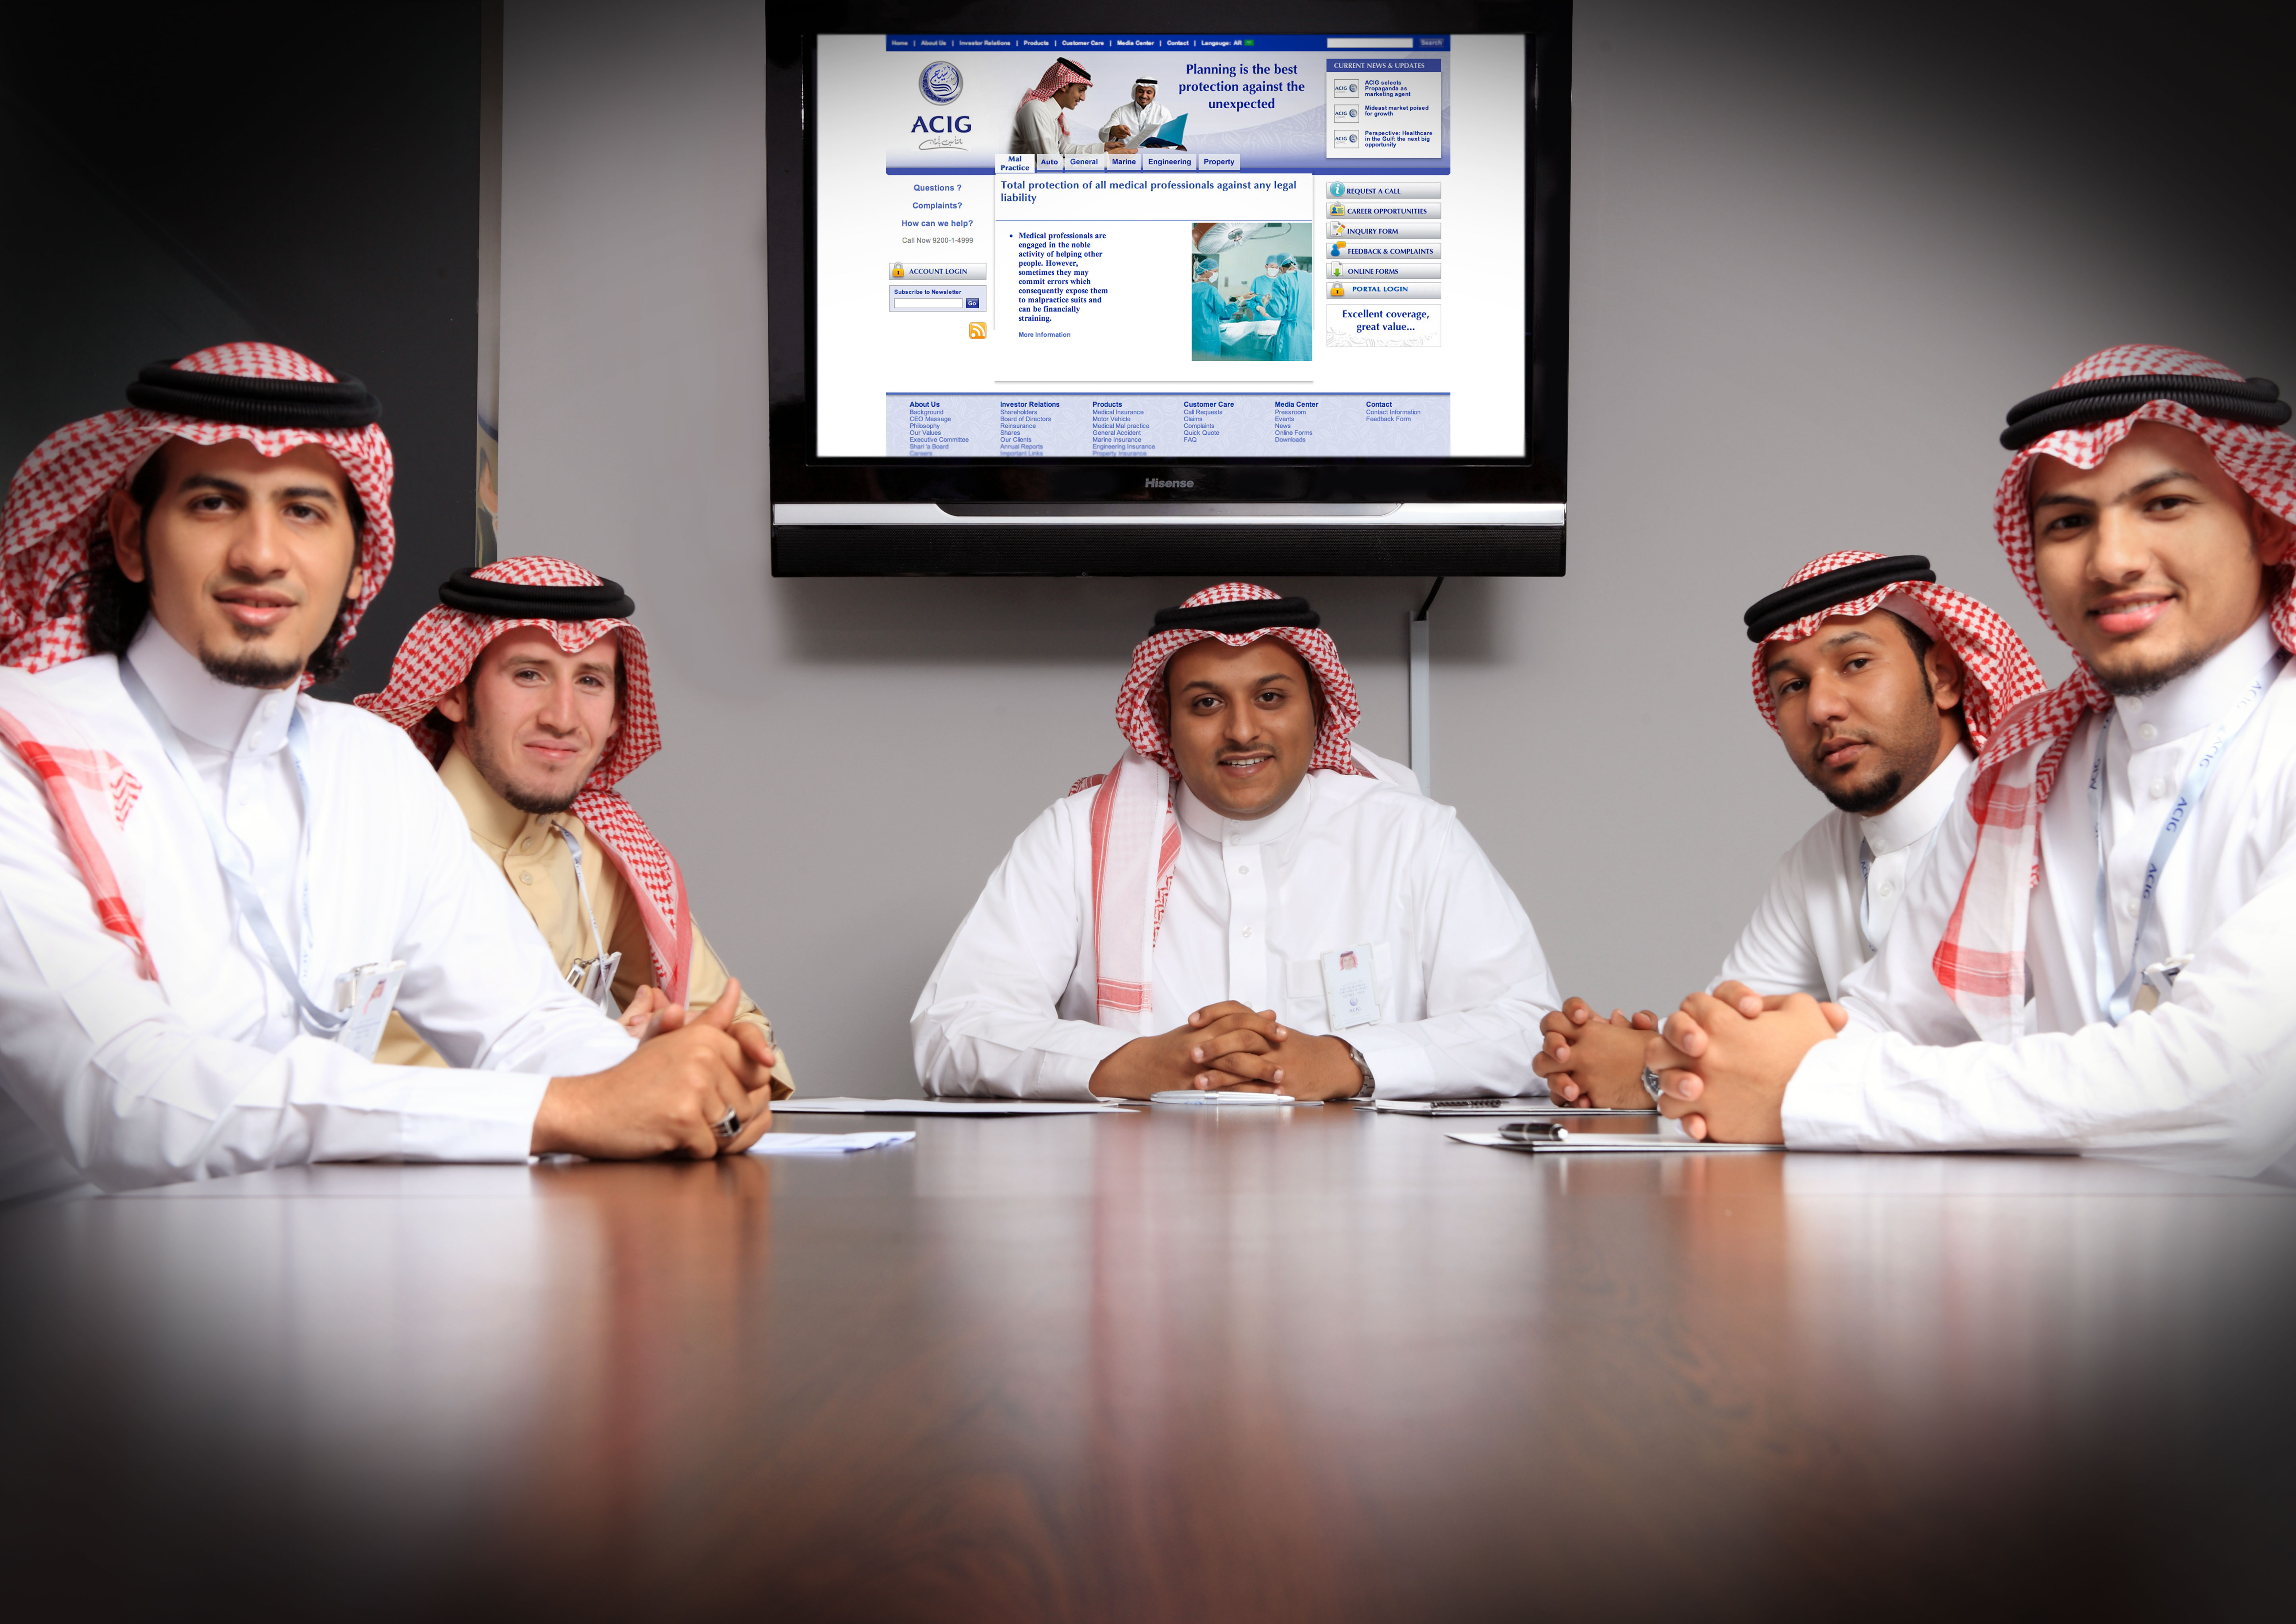 شركة أسيج السعودية للتأمين - المرسال